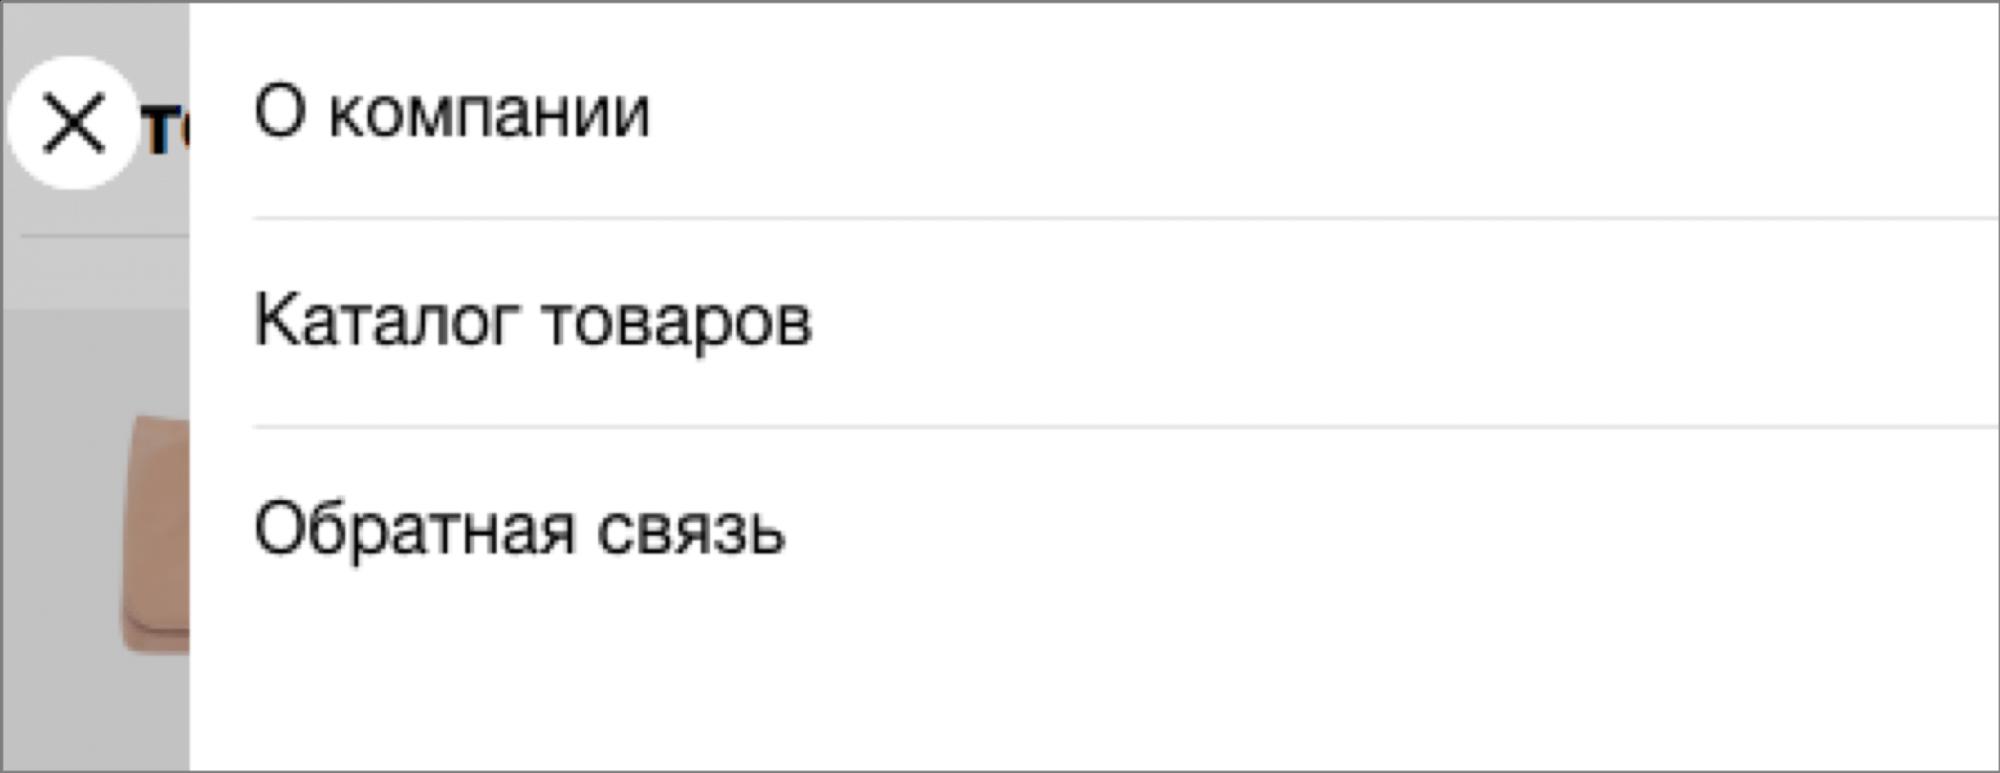 Яндекс выпустил из беты улучшенные Турбо-страницы Директа